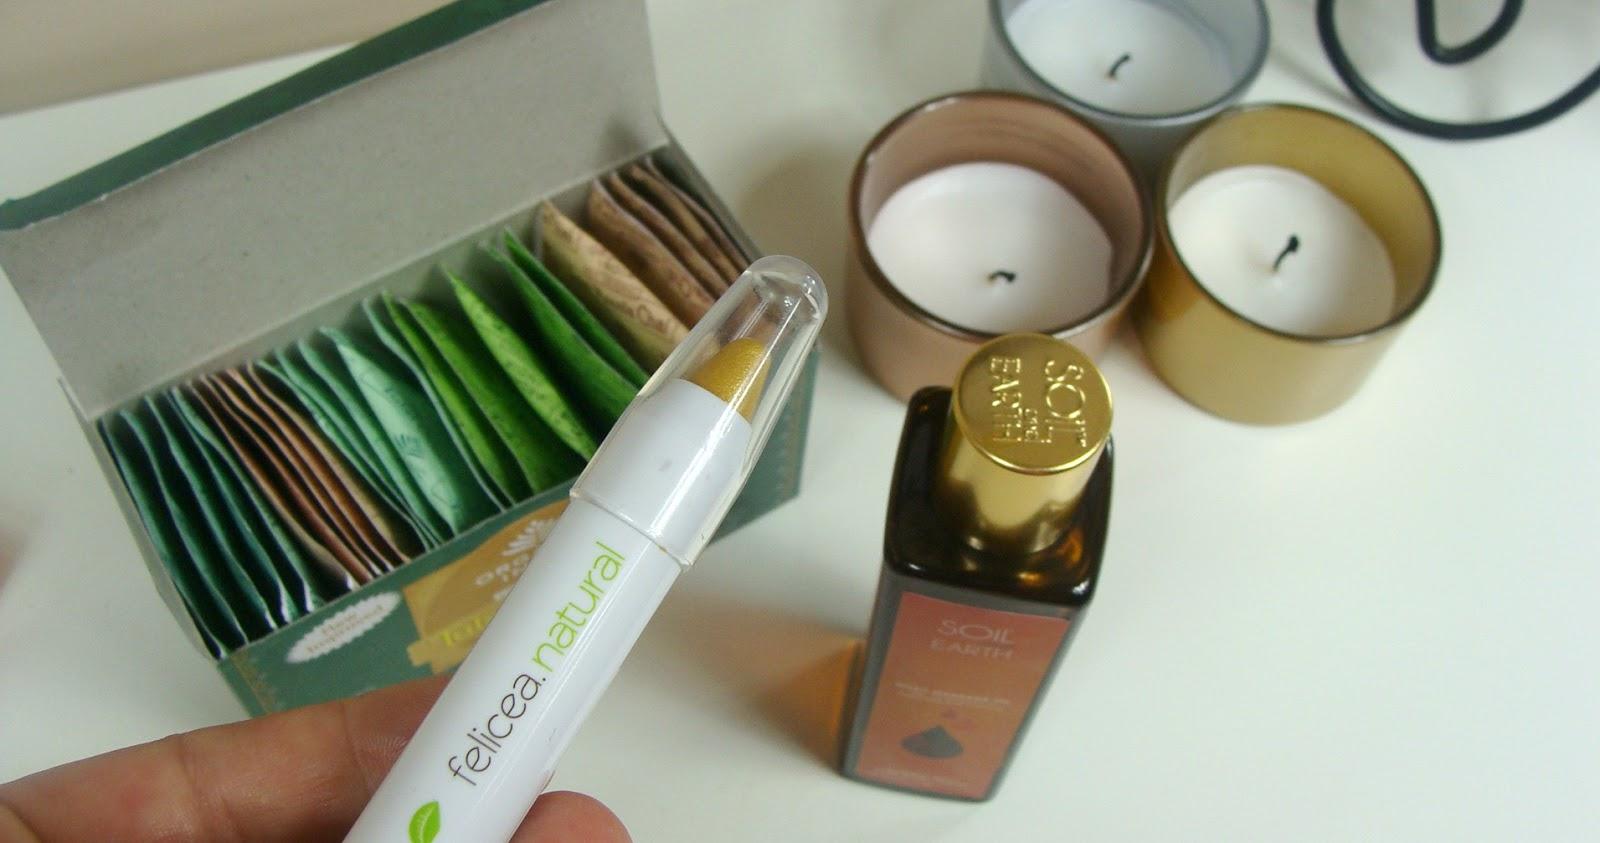 Kosmetyki naturalne, które warto poznać #2, domowy kosmetyk, mamowato, saisona, felicea, soil and earth